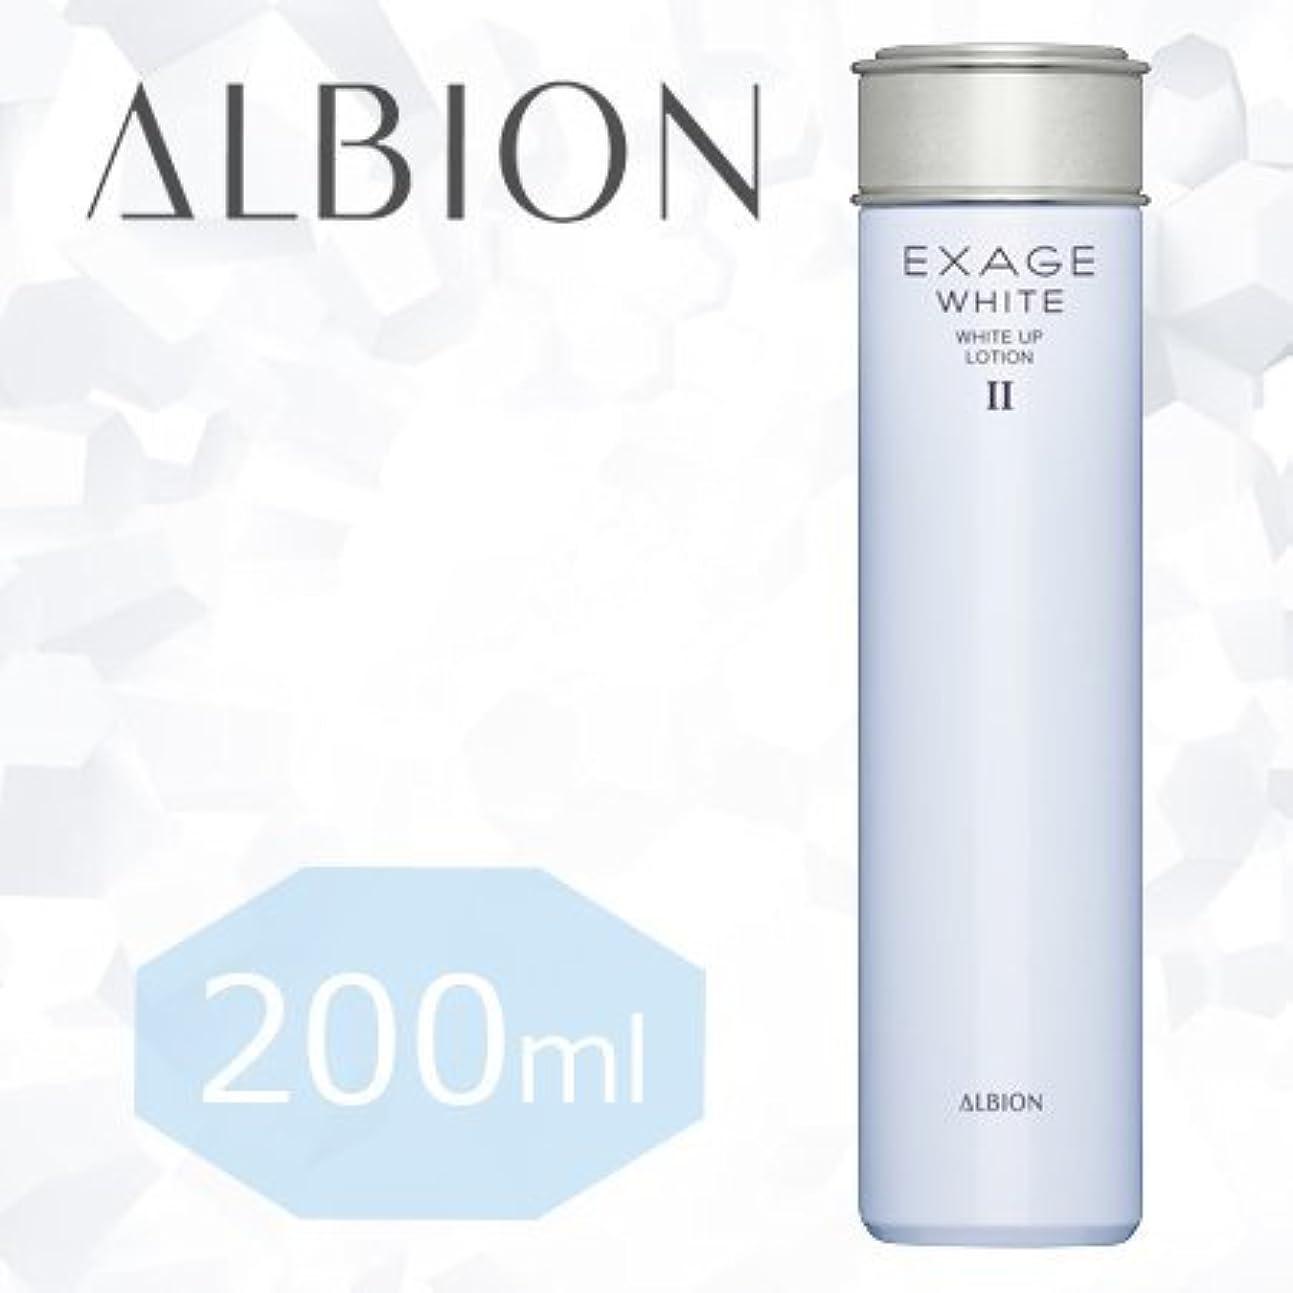 二年生巨大な保証金アルビオン エクサージュホワイト ホワイトアップ ローションII(医薬部外品)《200ml》